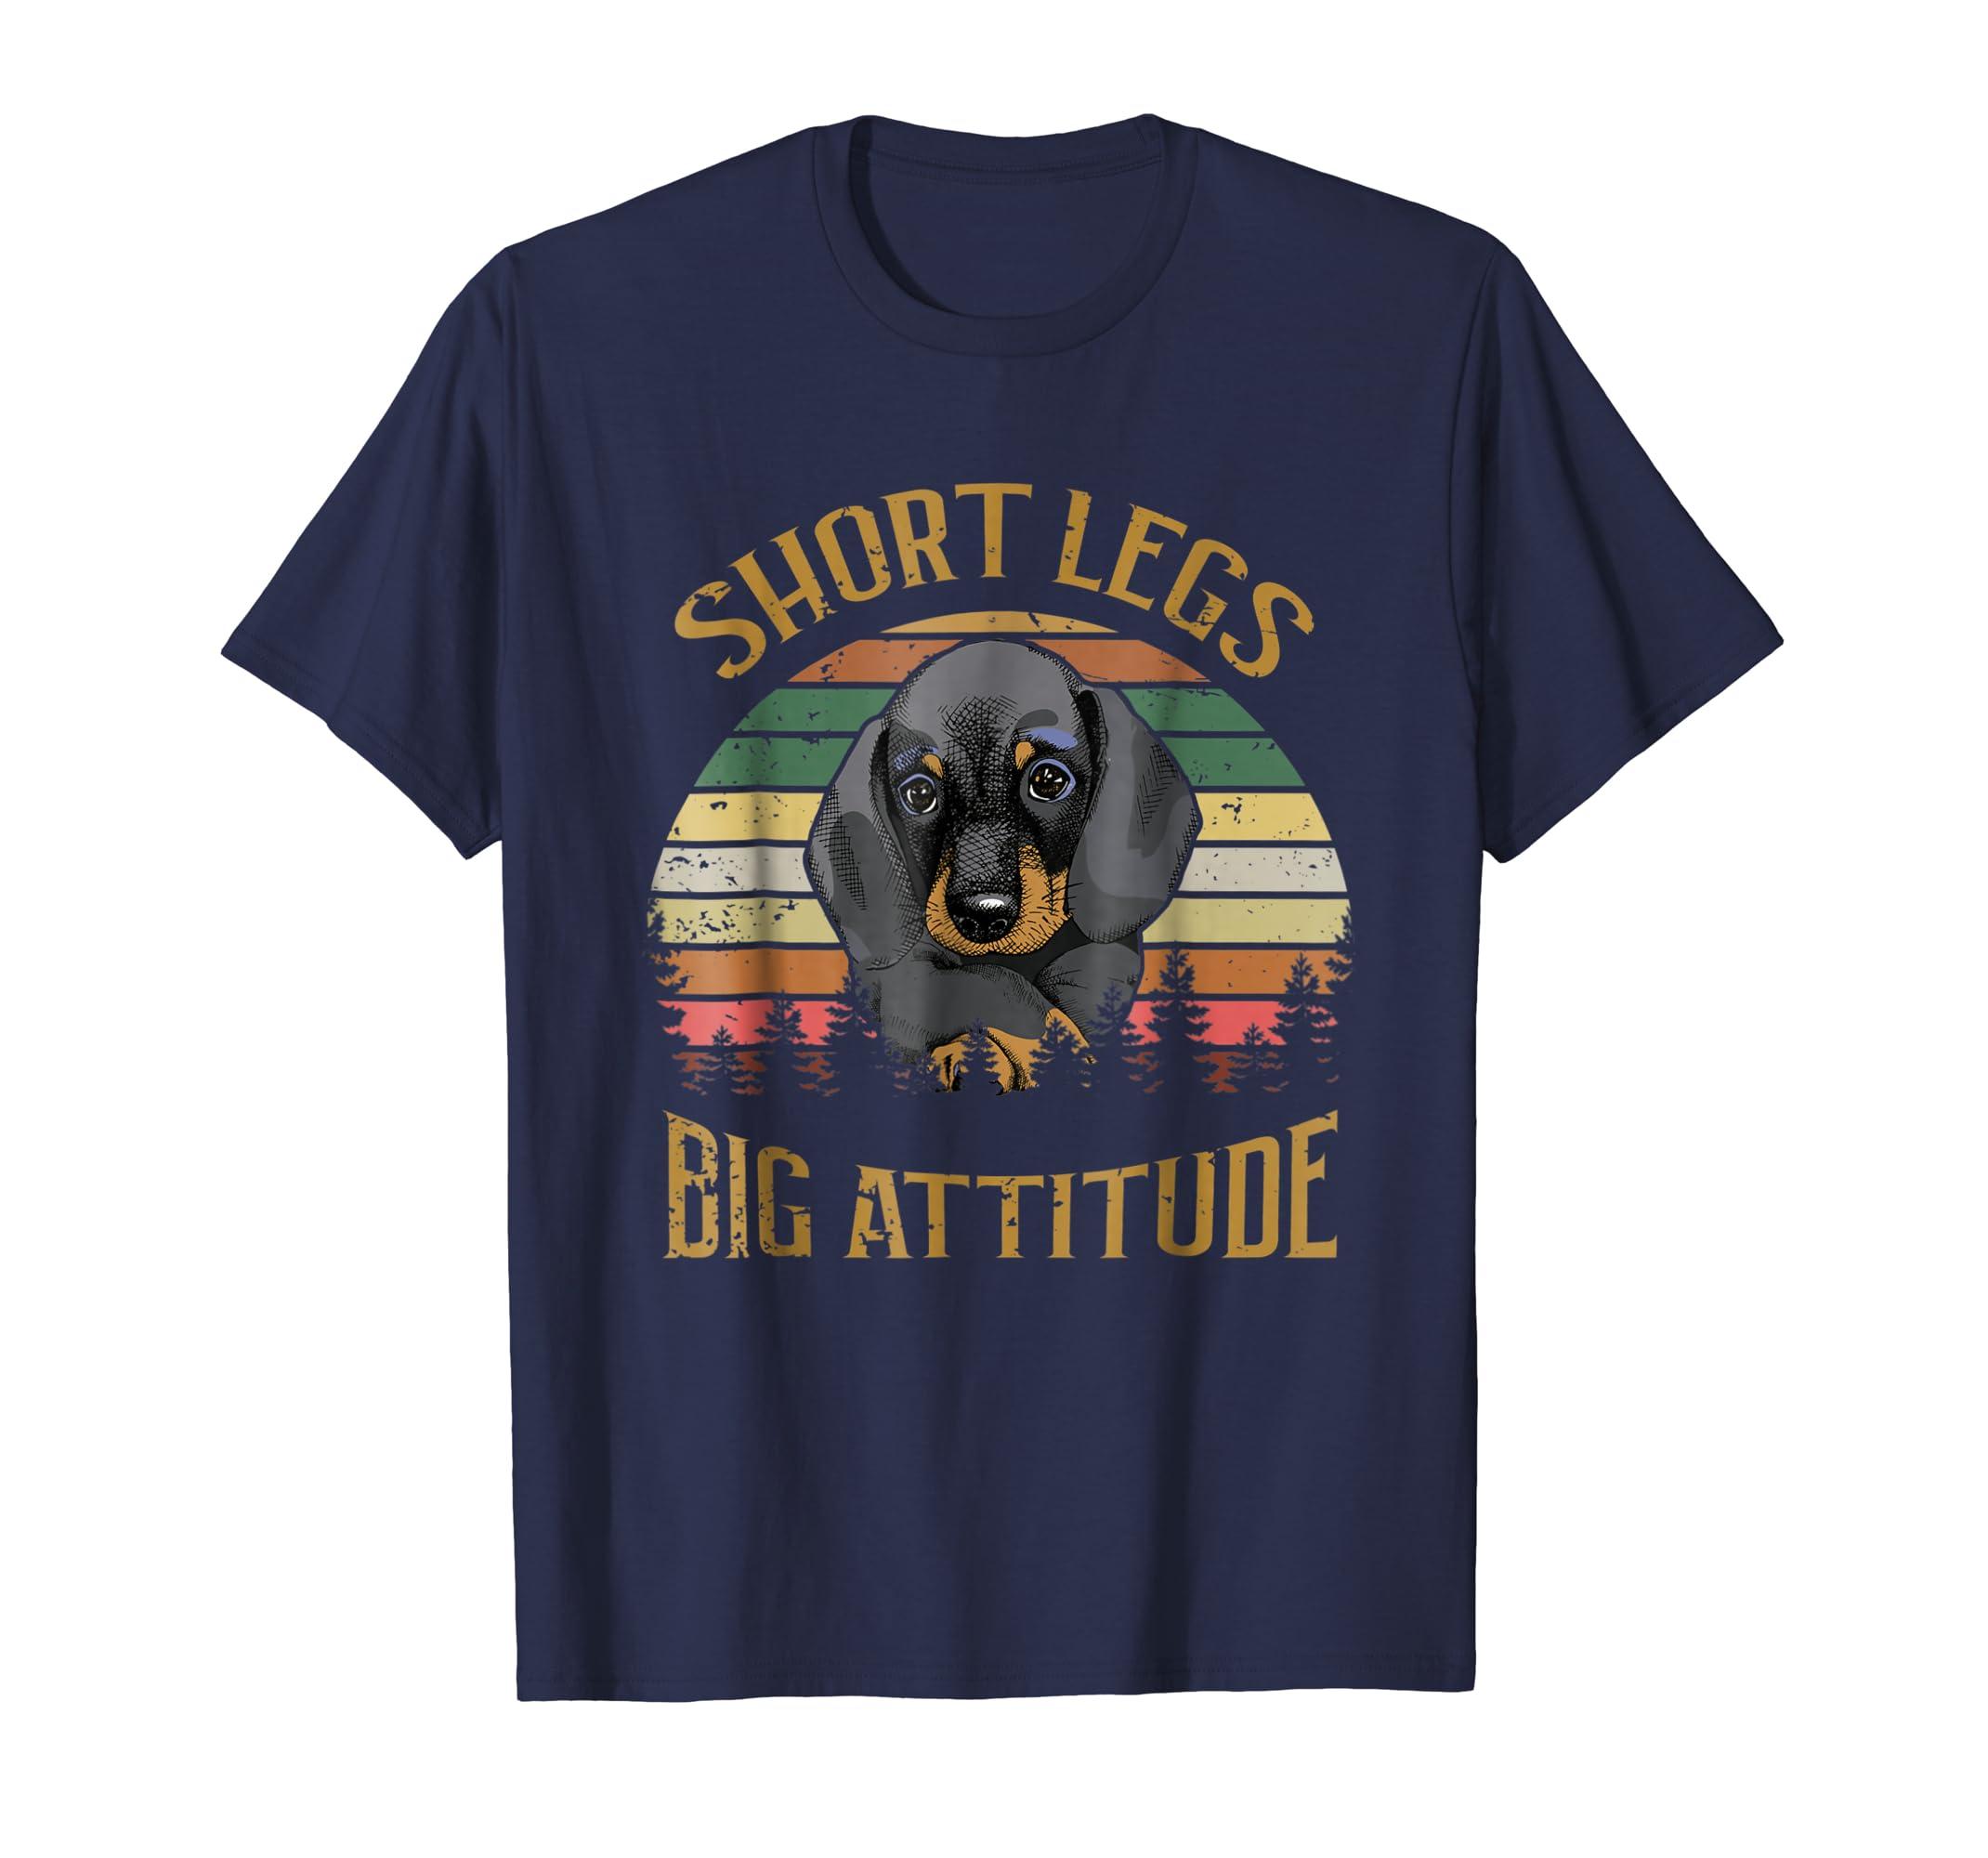 Retro Vintage Short Legs Big Attitude Dachshund Dog Tshirt-azvn